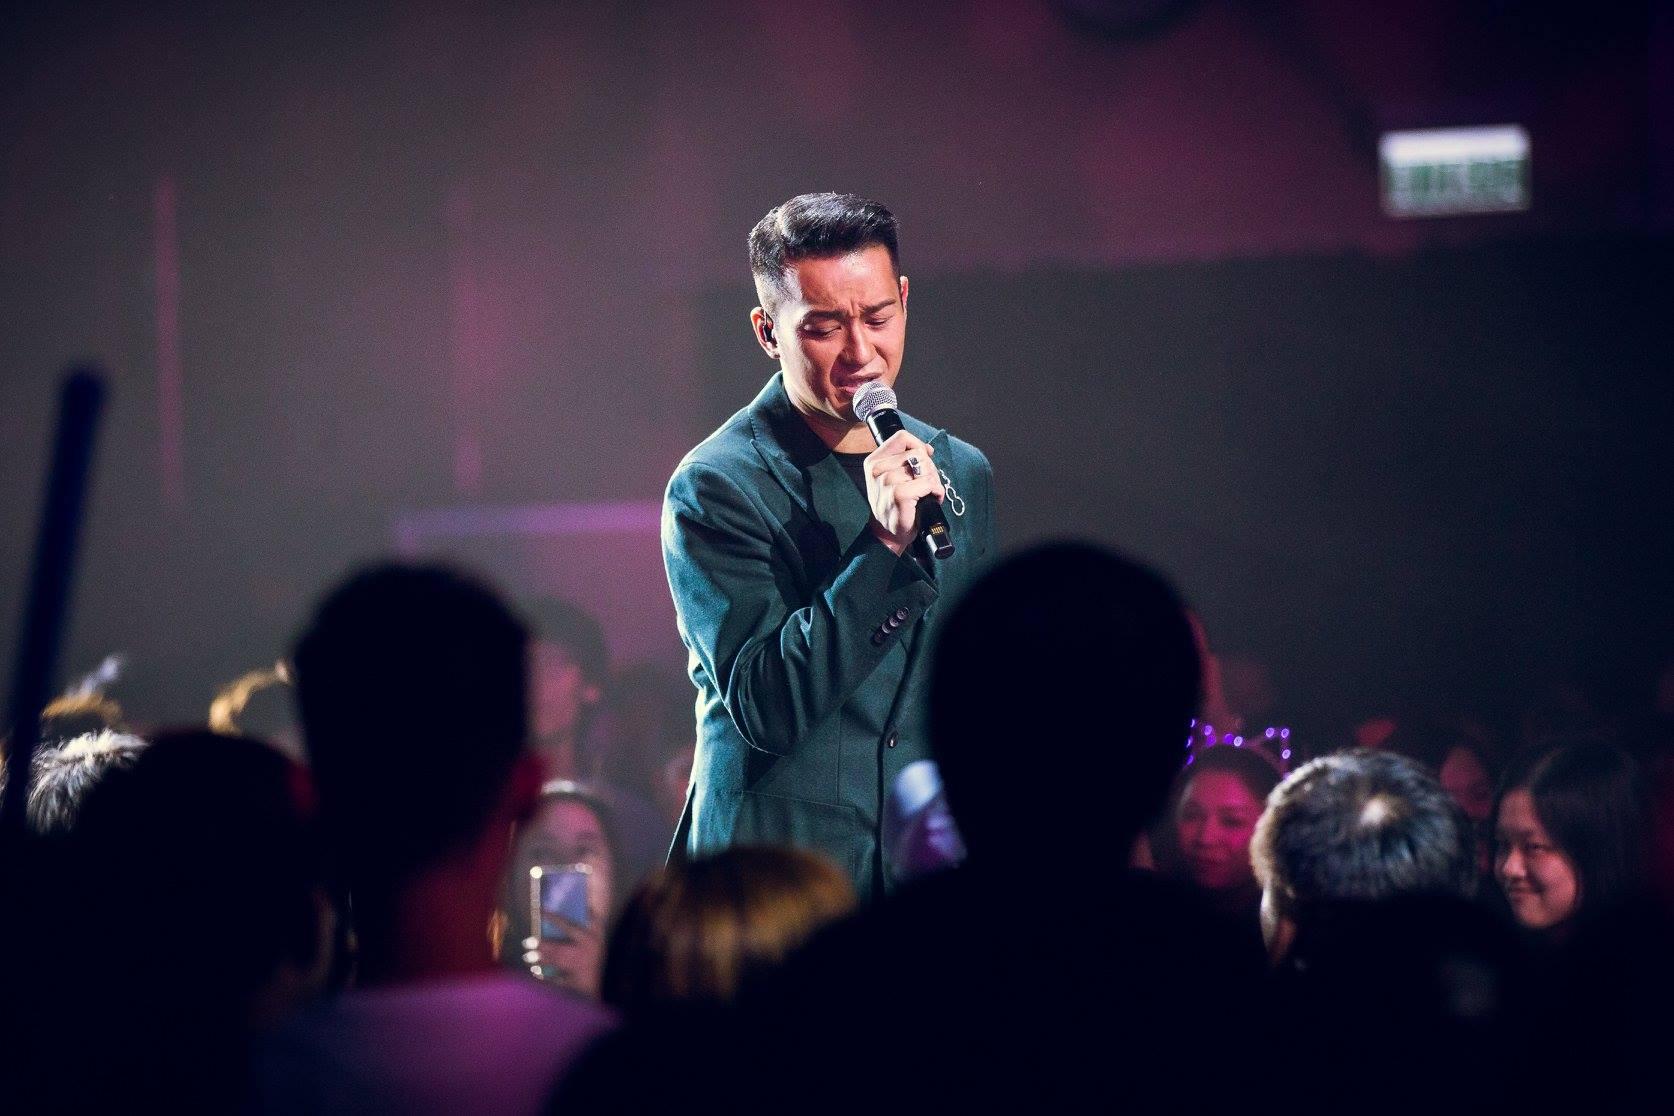 吳浩康將於本月30日假麥花臣舉行音樂會。